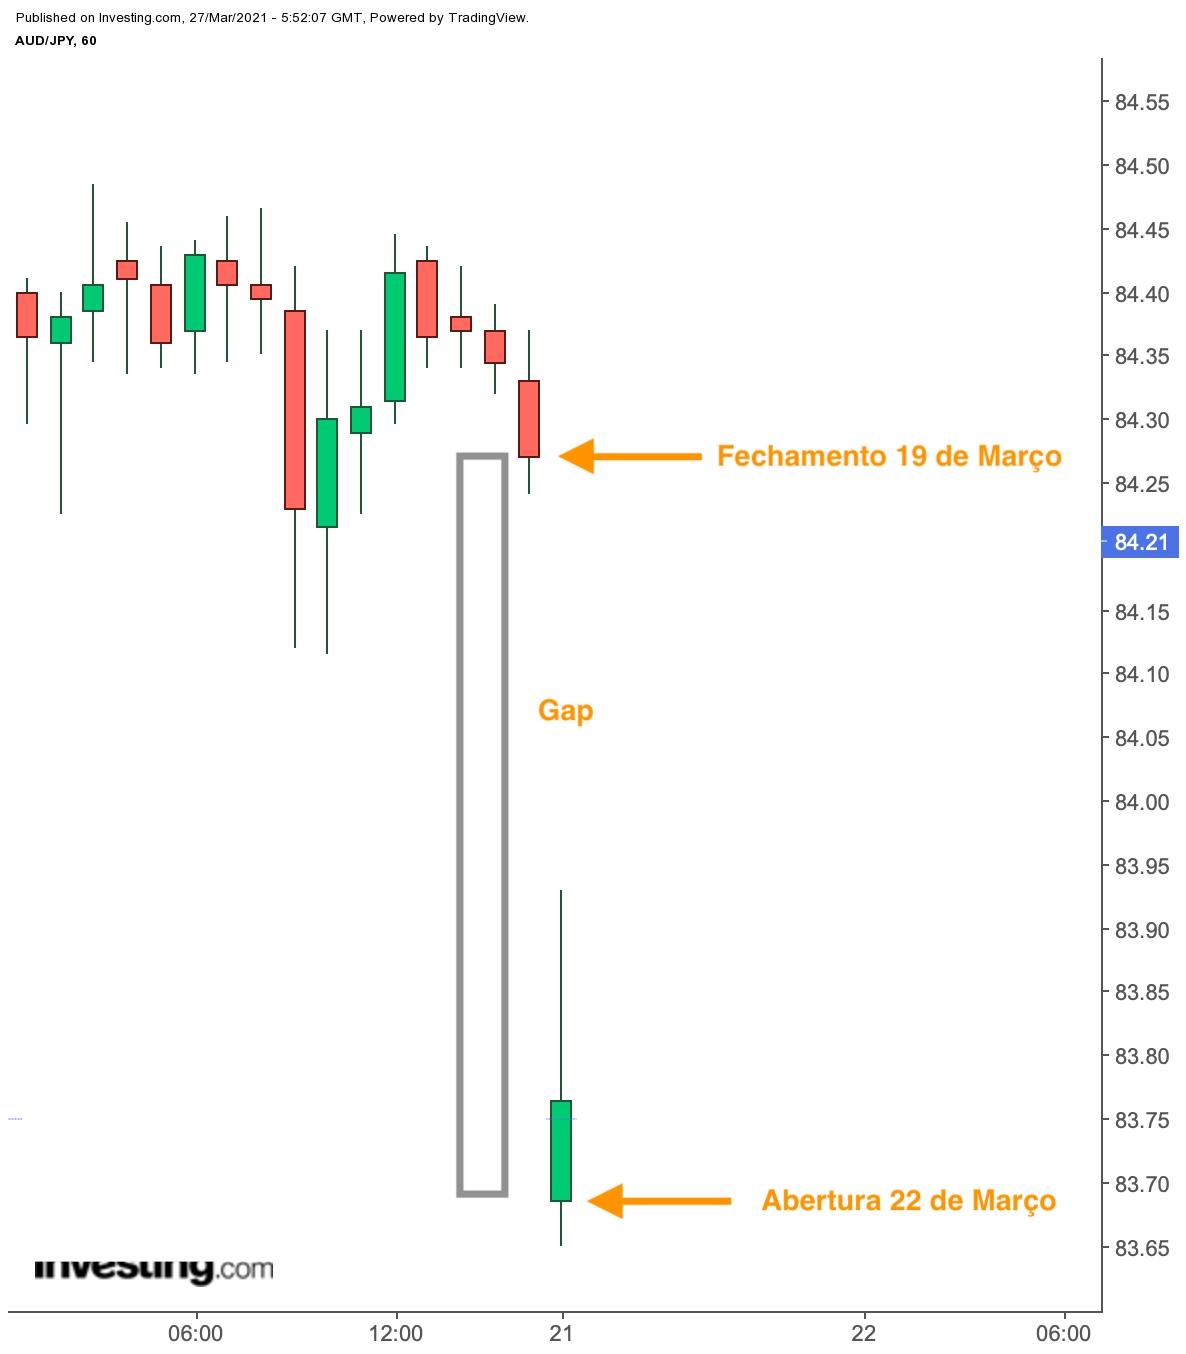 nível de risco investir forex moedas estrangeiras commodities contratos ações confiança global de investimento em bitcoin